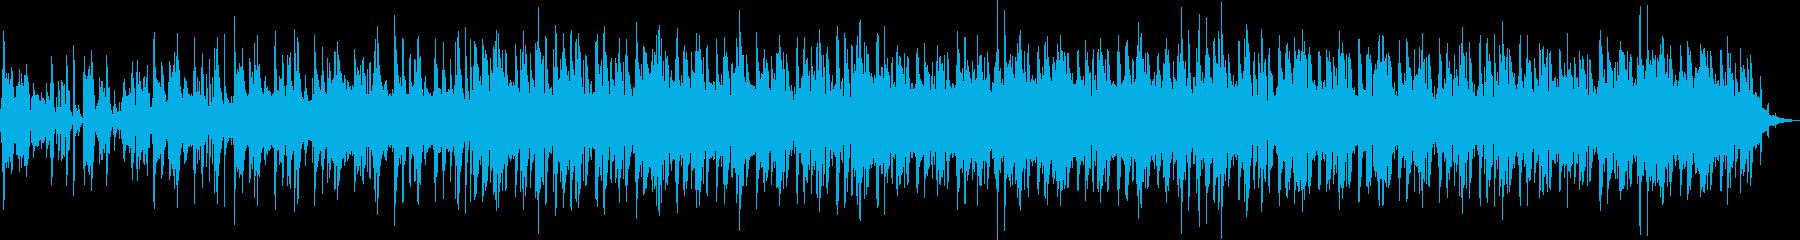 ラテン ジャズ ポップ テクノ ワ...の再生済みの波形